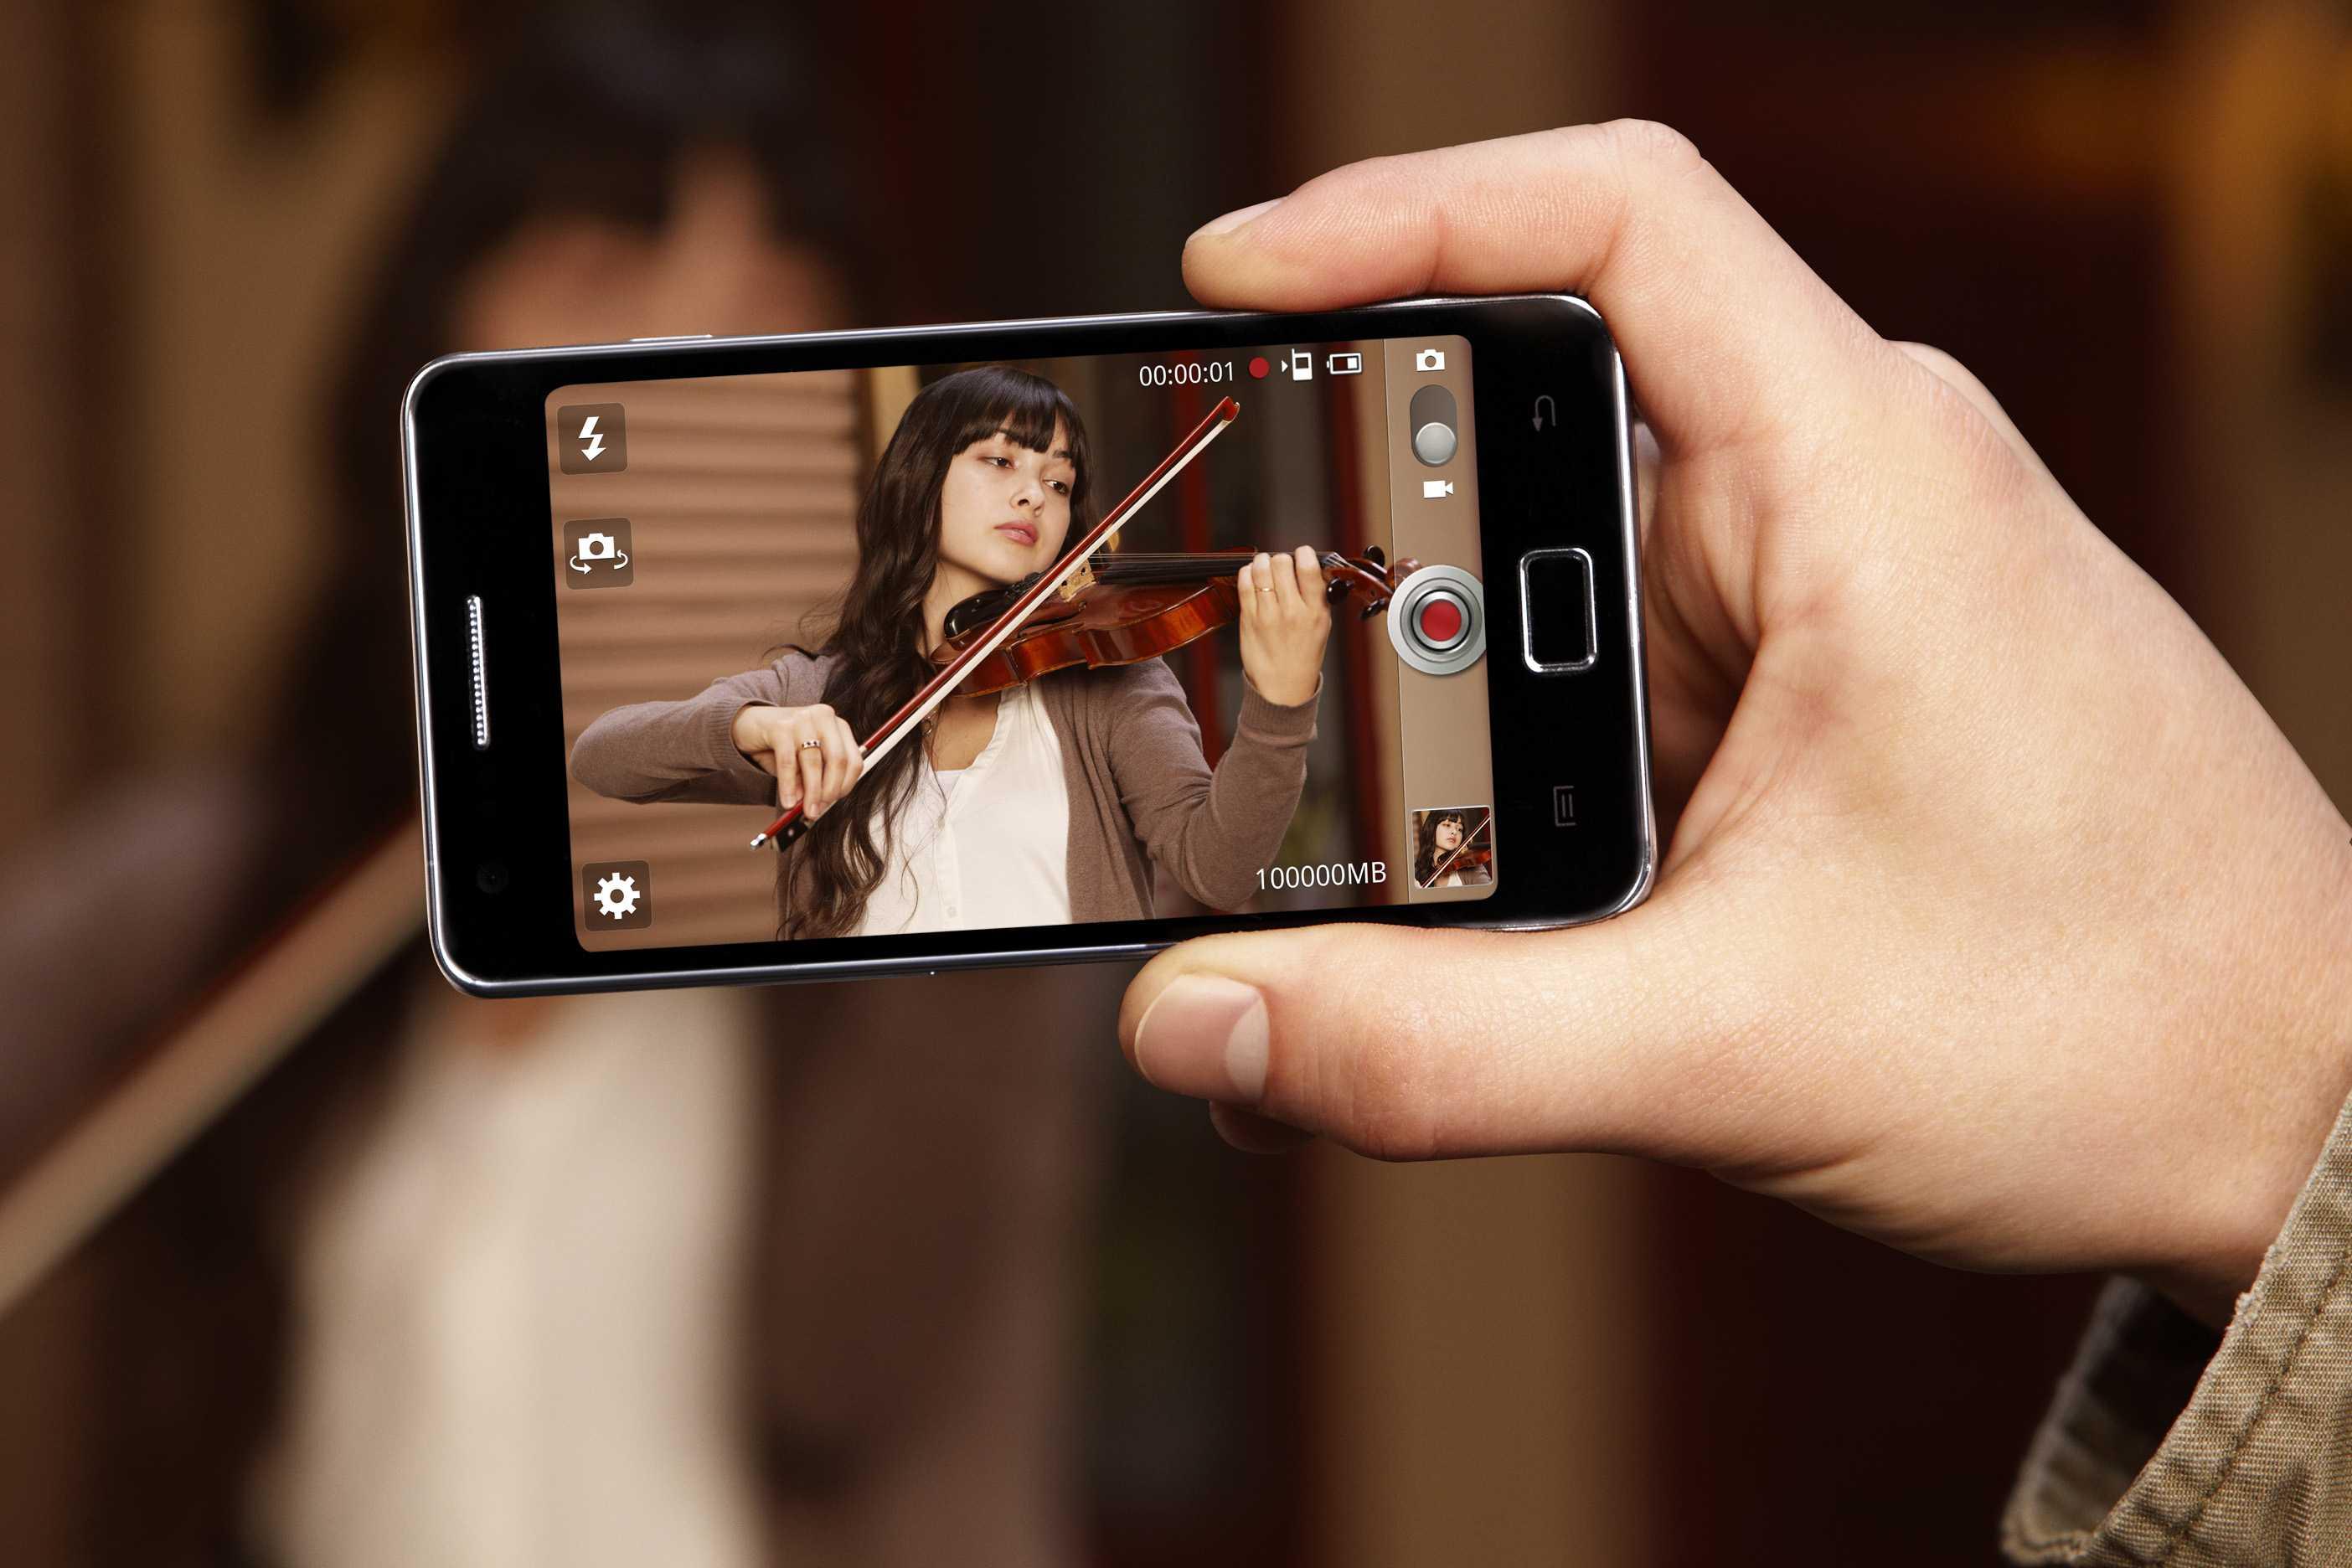 11 уникальных функций в телефонах samsung galaxy (многих очень не хватает на iphone)